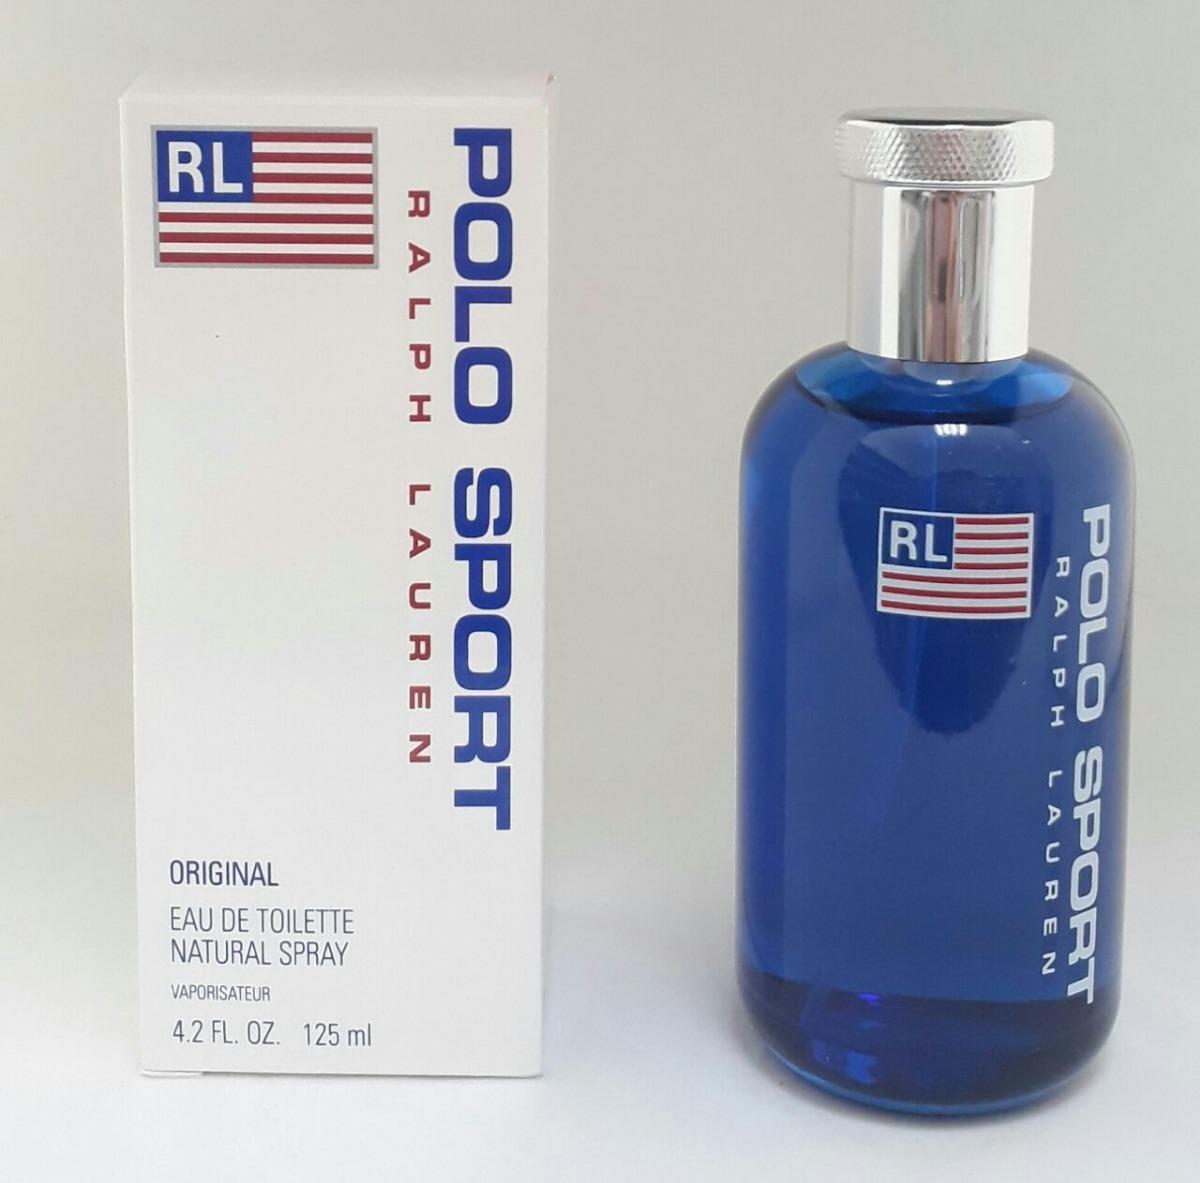 840ffd6d4 Perfume Polo Sport 125ml Ralph Lauren Masc + Brinde Amostra - R  339 ...